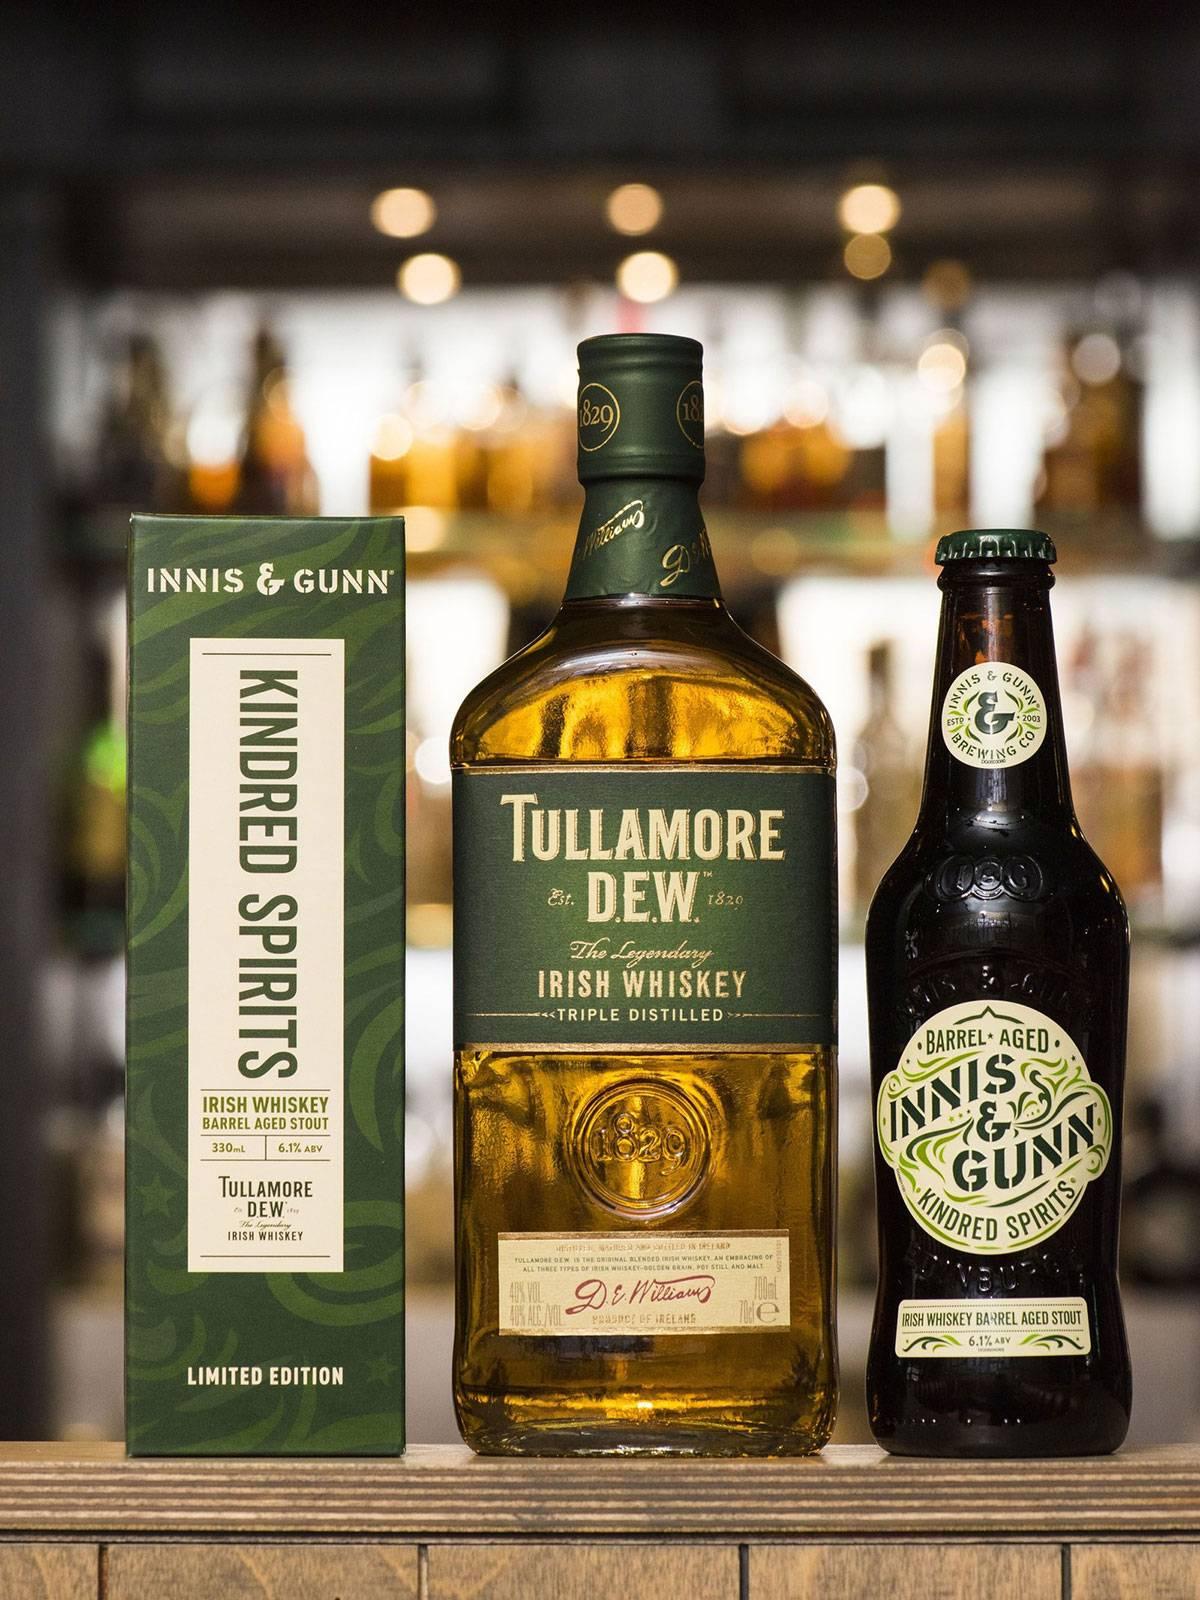 Отзывы виски tullamore dew истинно ирландский! » нашемнение - сайт отзывов обо всем